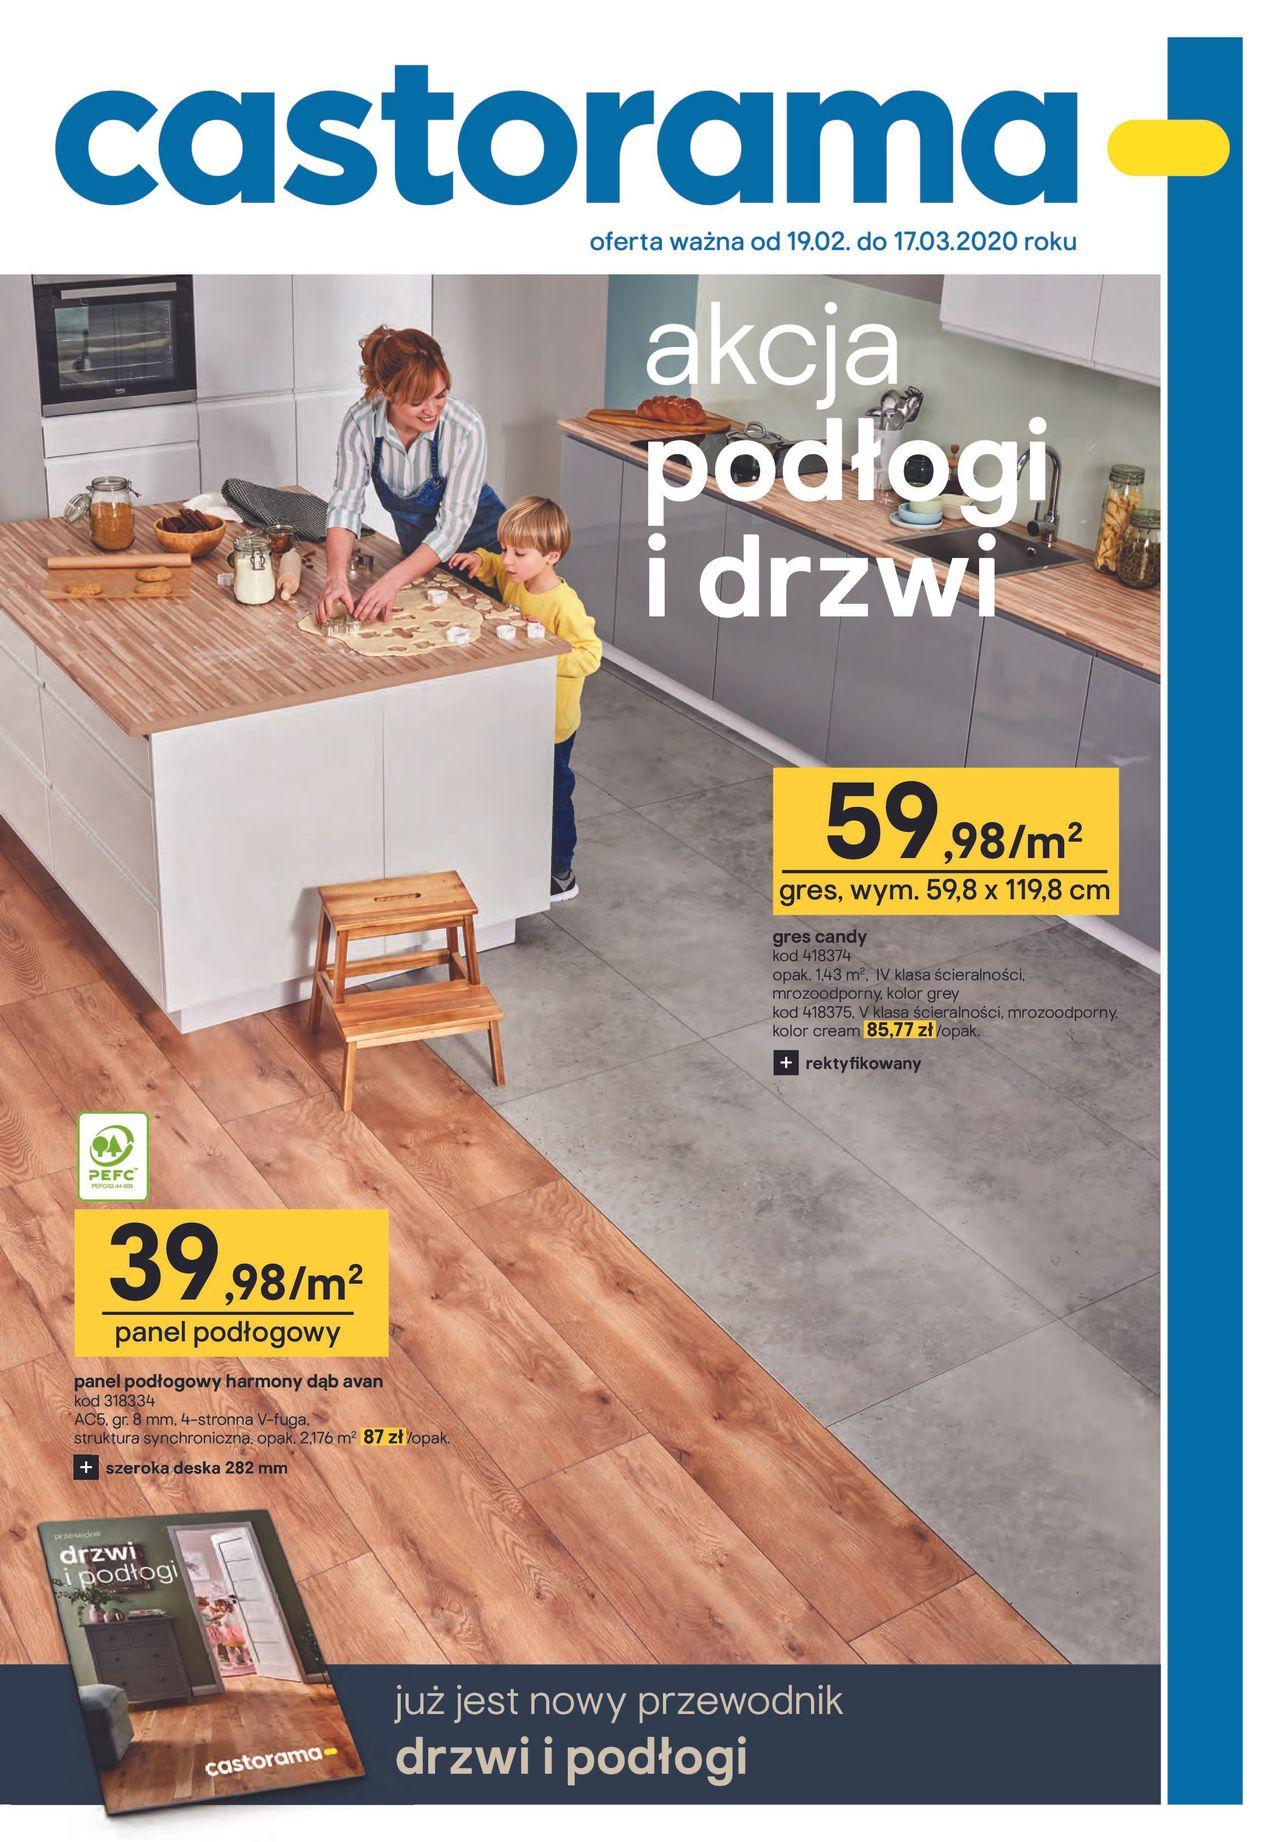 Gazetka Promocyjna Castorama Z 19 02 2020 Gazetkowo Pl